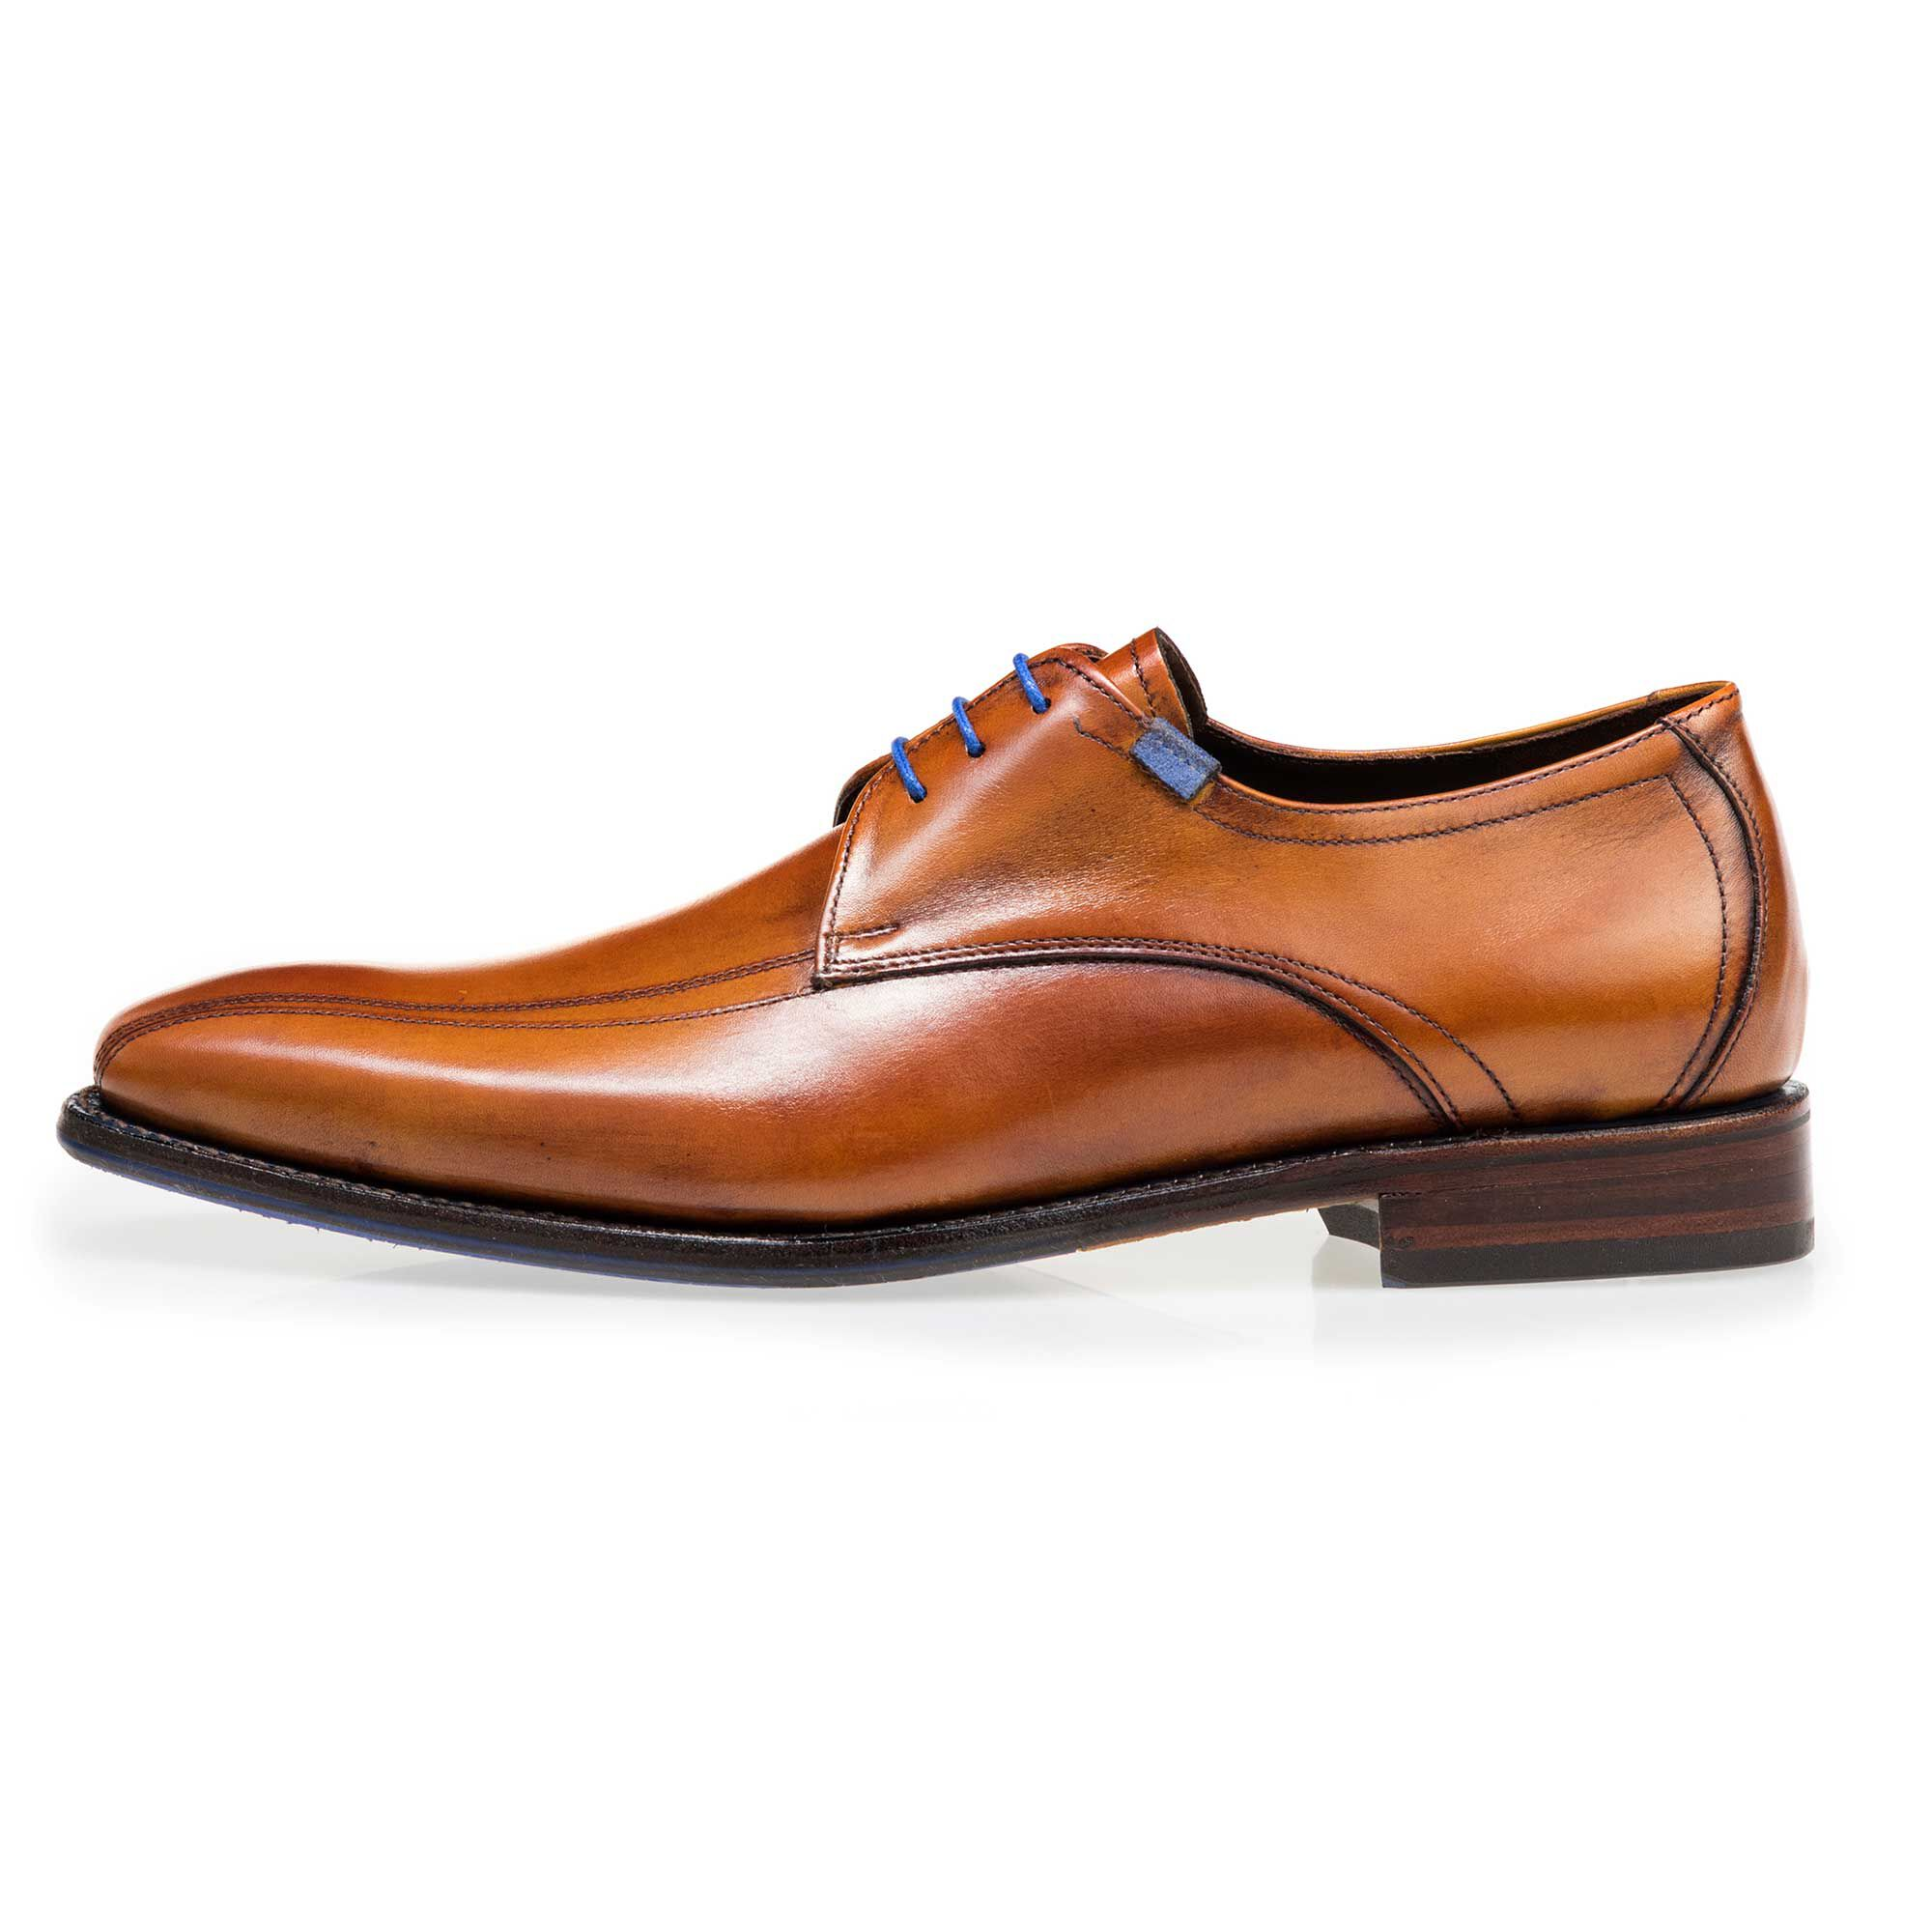 187e8c3f76b729 Black Bommel 1447001 Floris Shoe Van Leather Men s Lace Up reWdCxBo